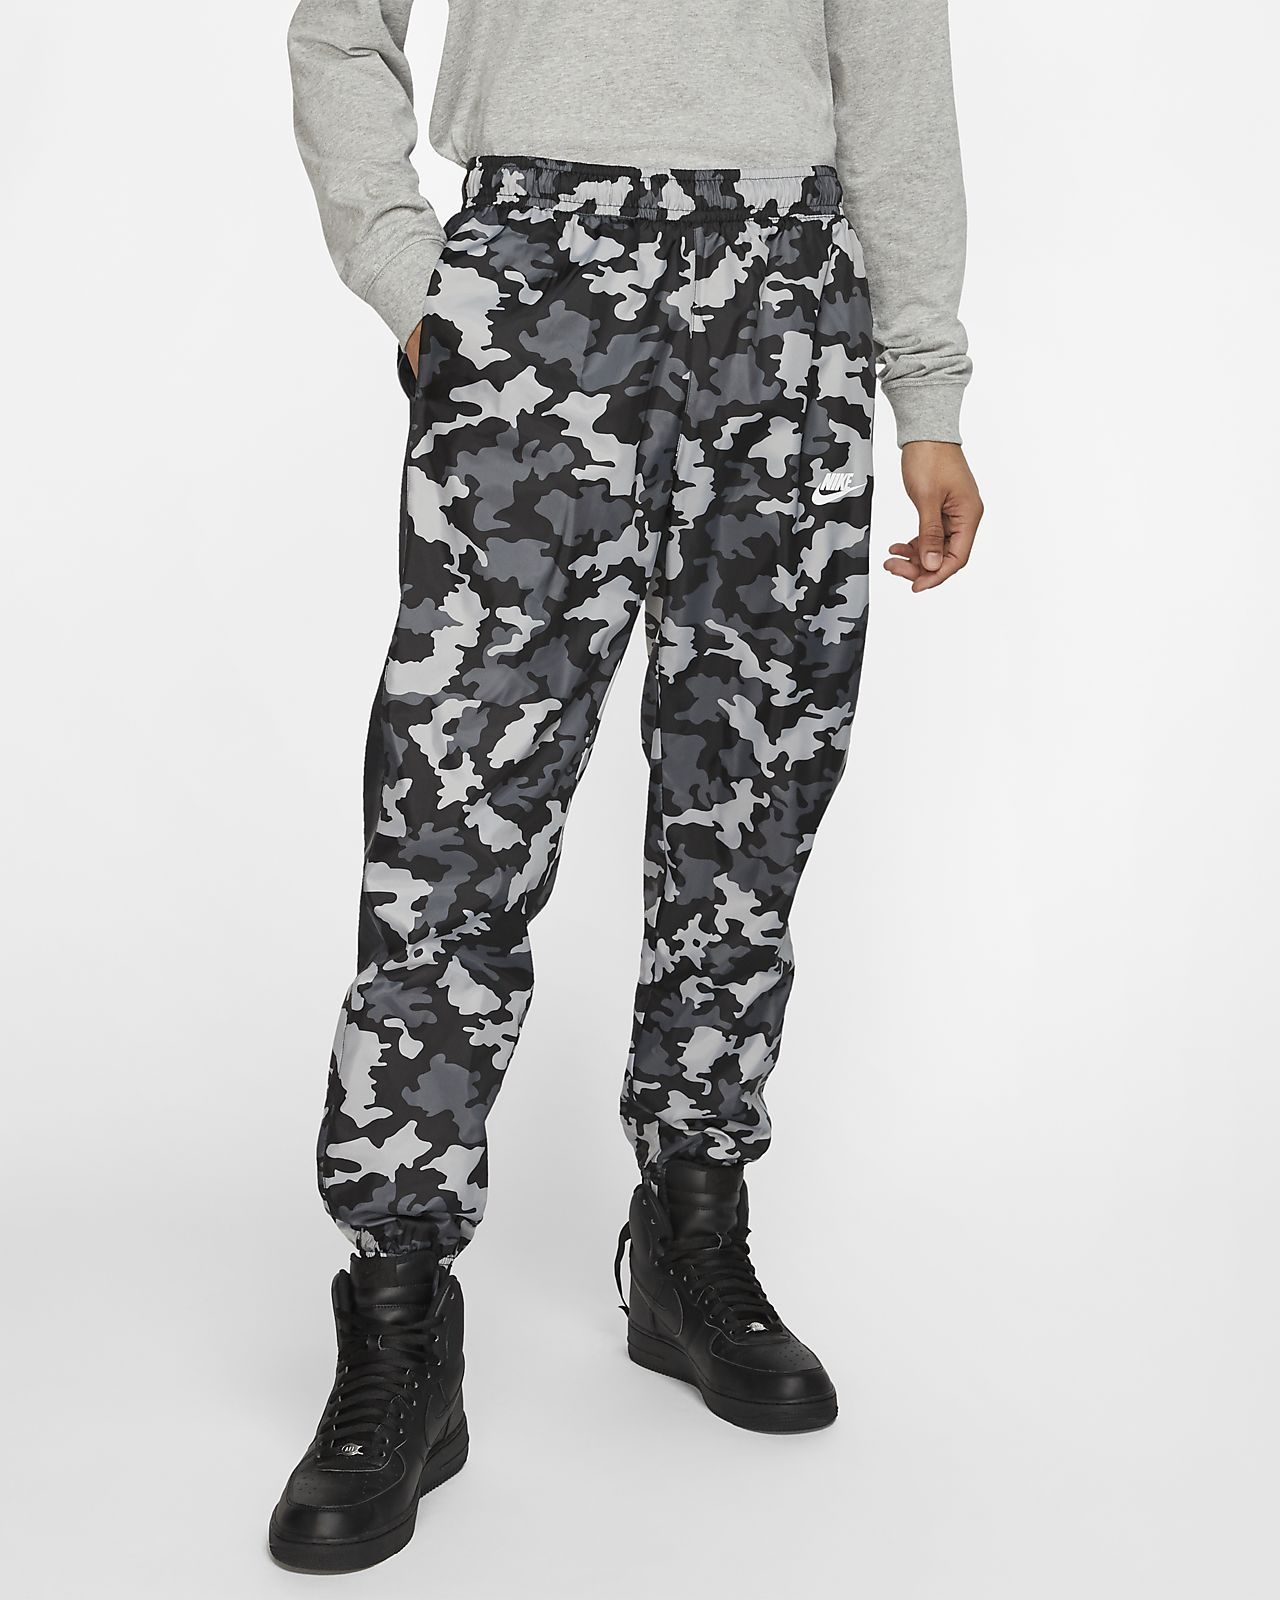 fe24f3c64 Pánské tkané maskáčové atletické kalhoty Nike Sportswear. Nike.com CZ